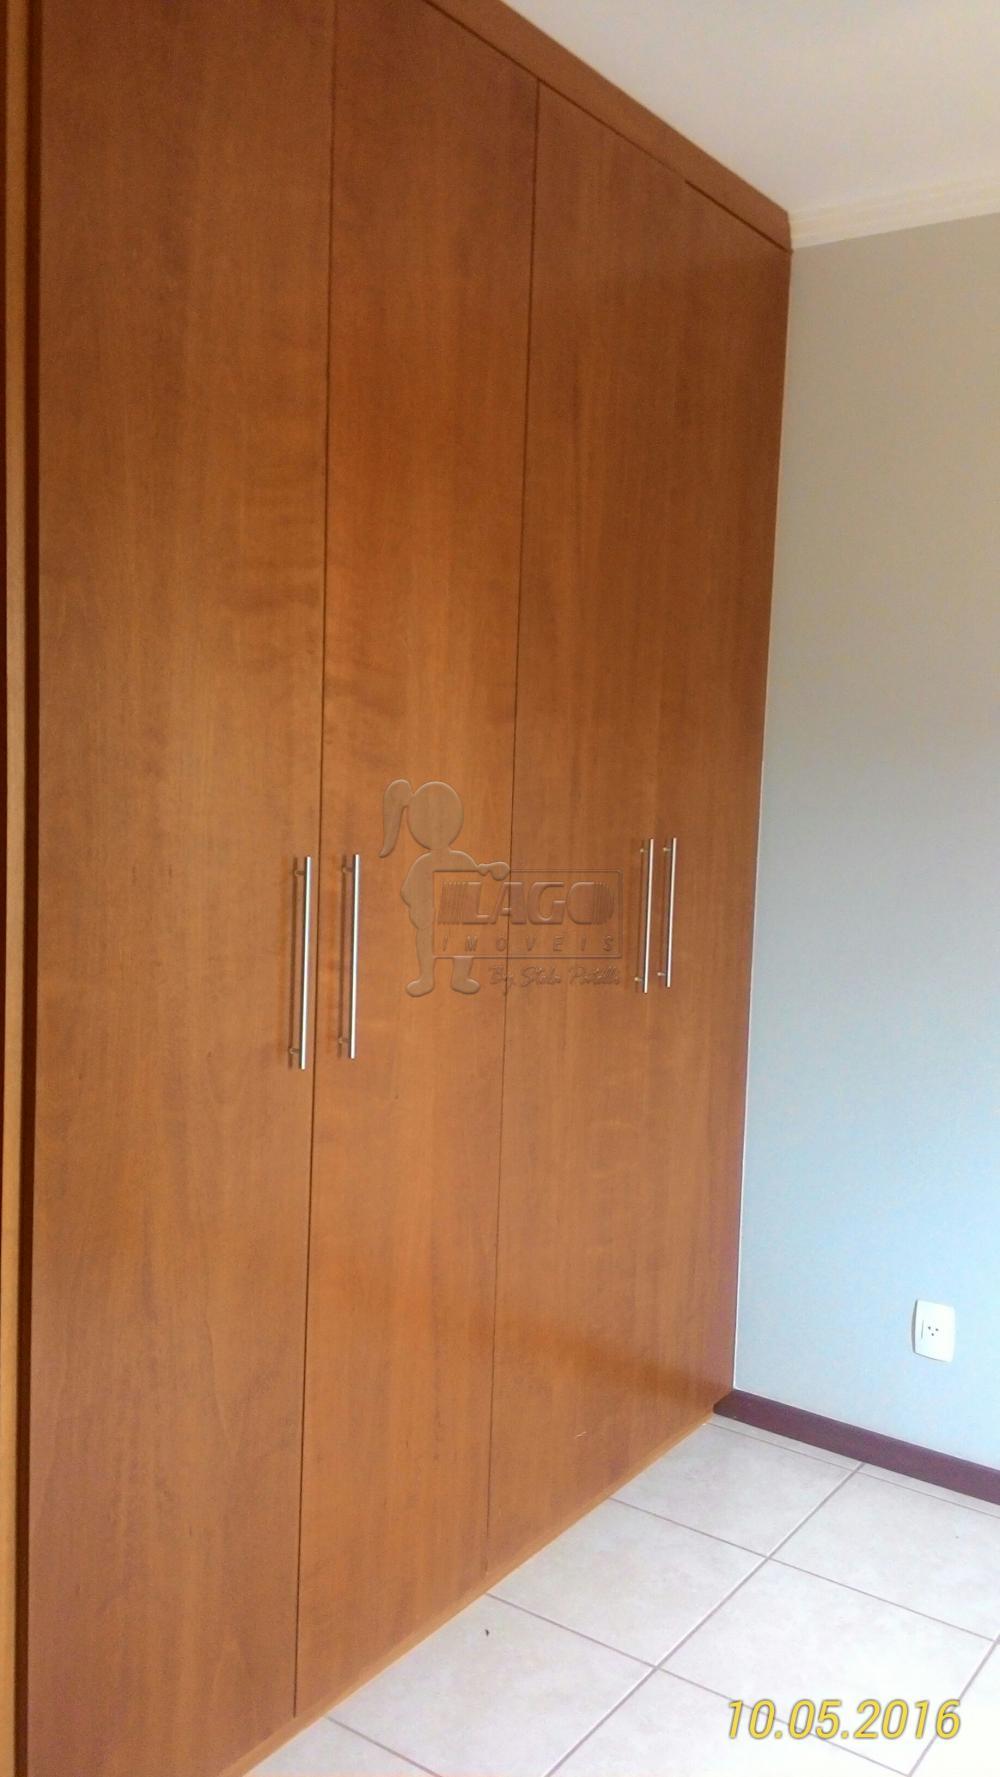 Alugar Casas / Condomínio em Bonfim Paulista apenas R$ 3.500,00 - Foto 21